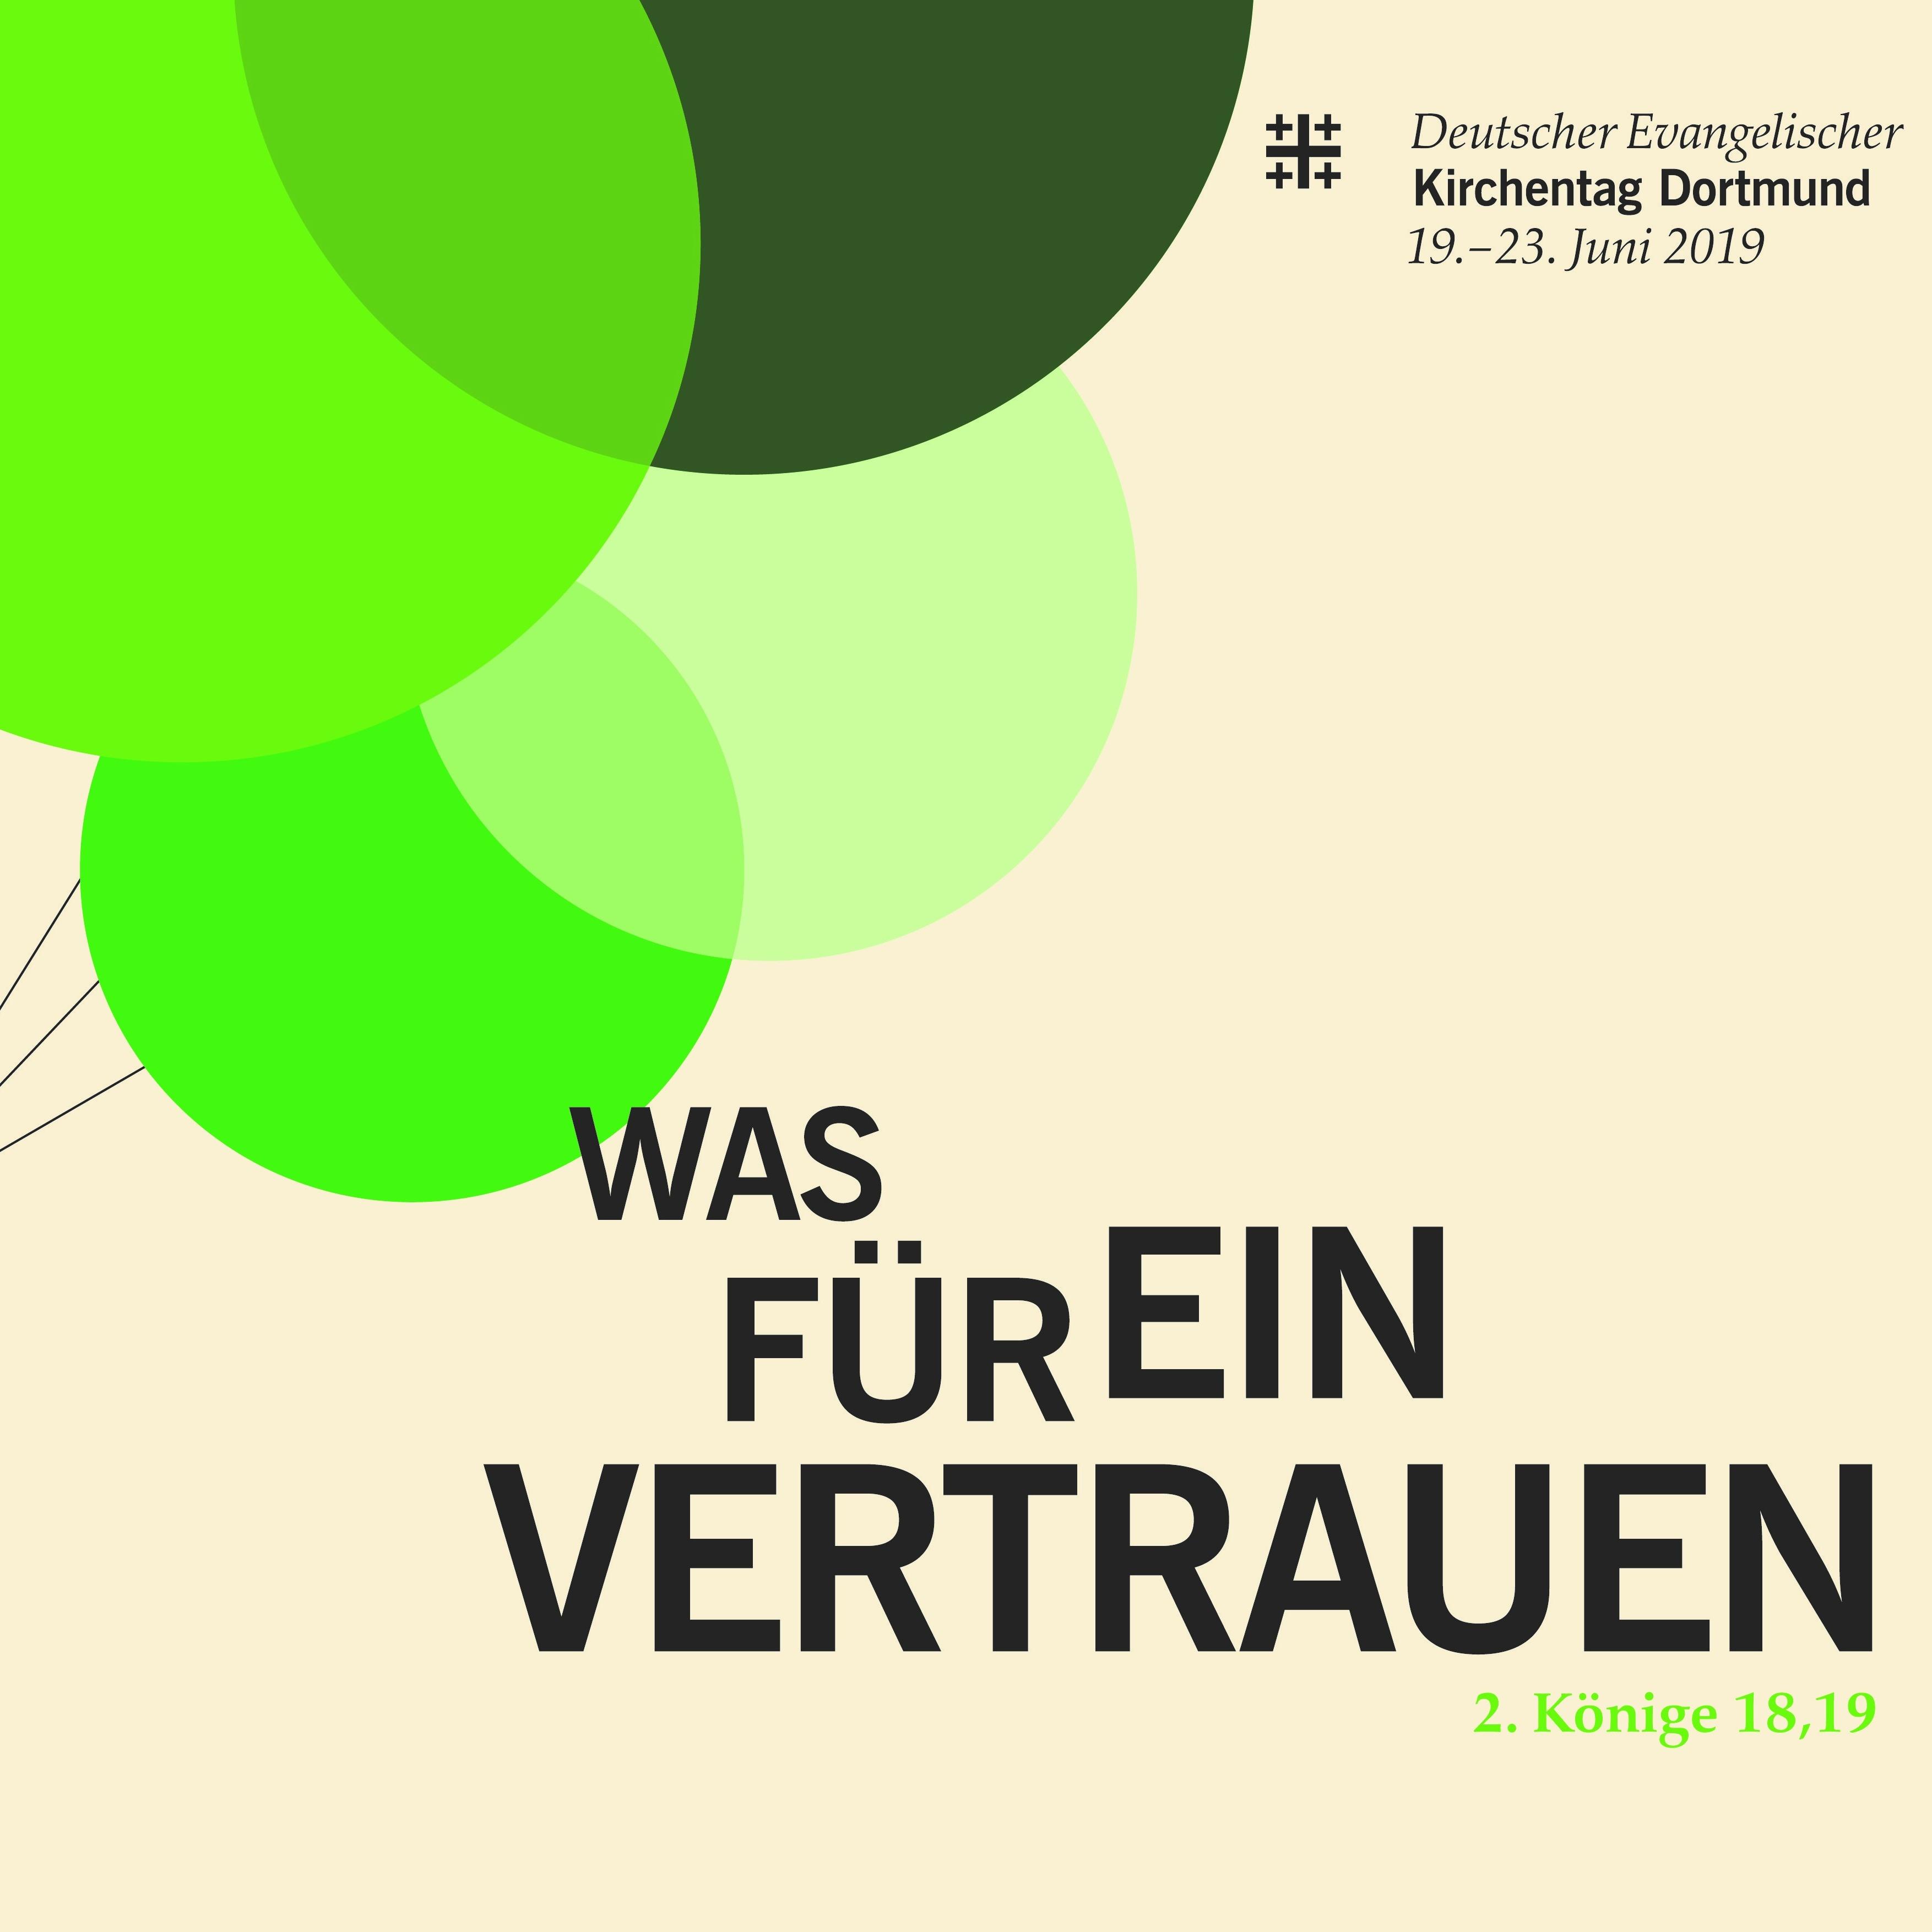 Schnell zu sein lohnt sich: Frühbuchervorteil bis zum 8. April 2019 Start für Ticketverkauf für den Kirchentag in Dortmund